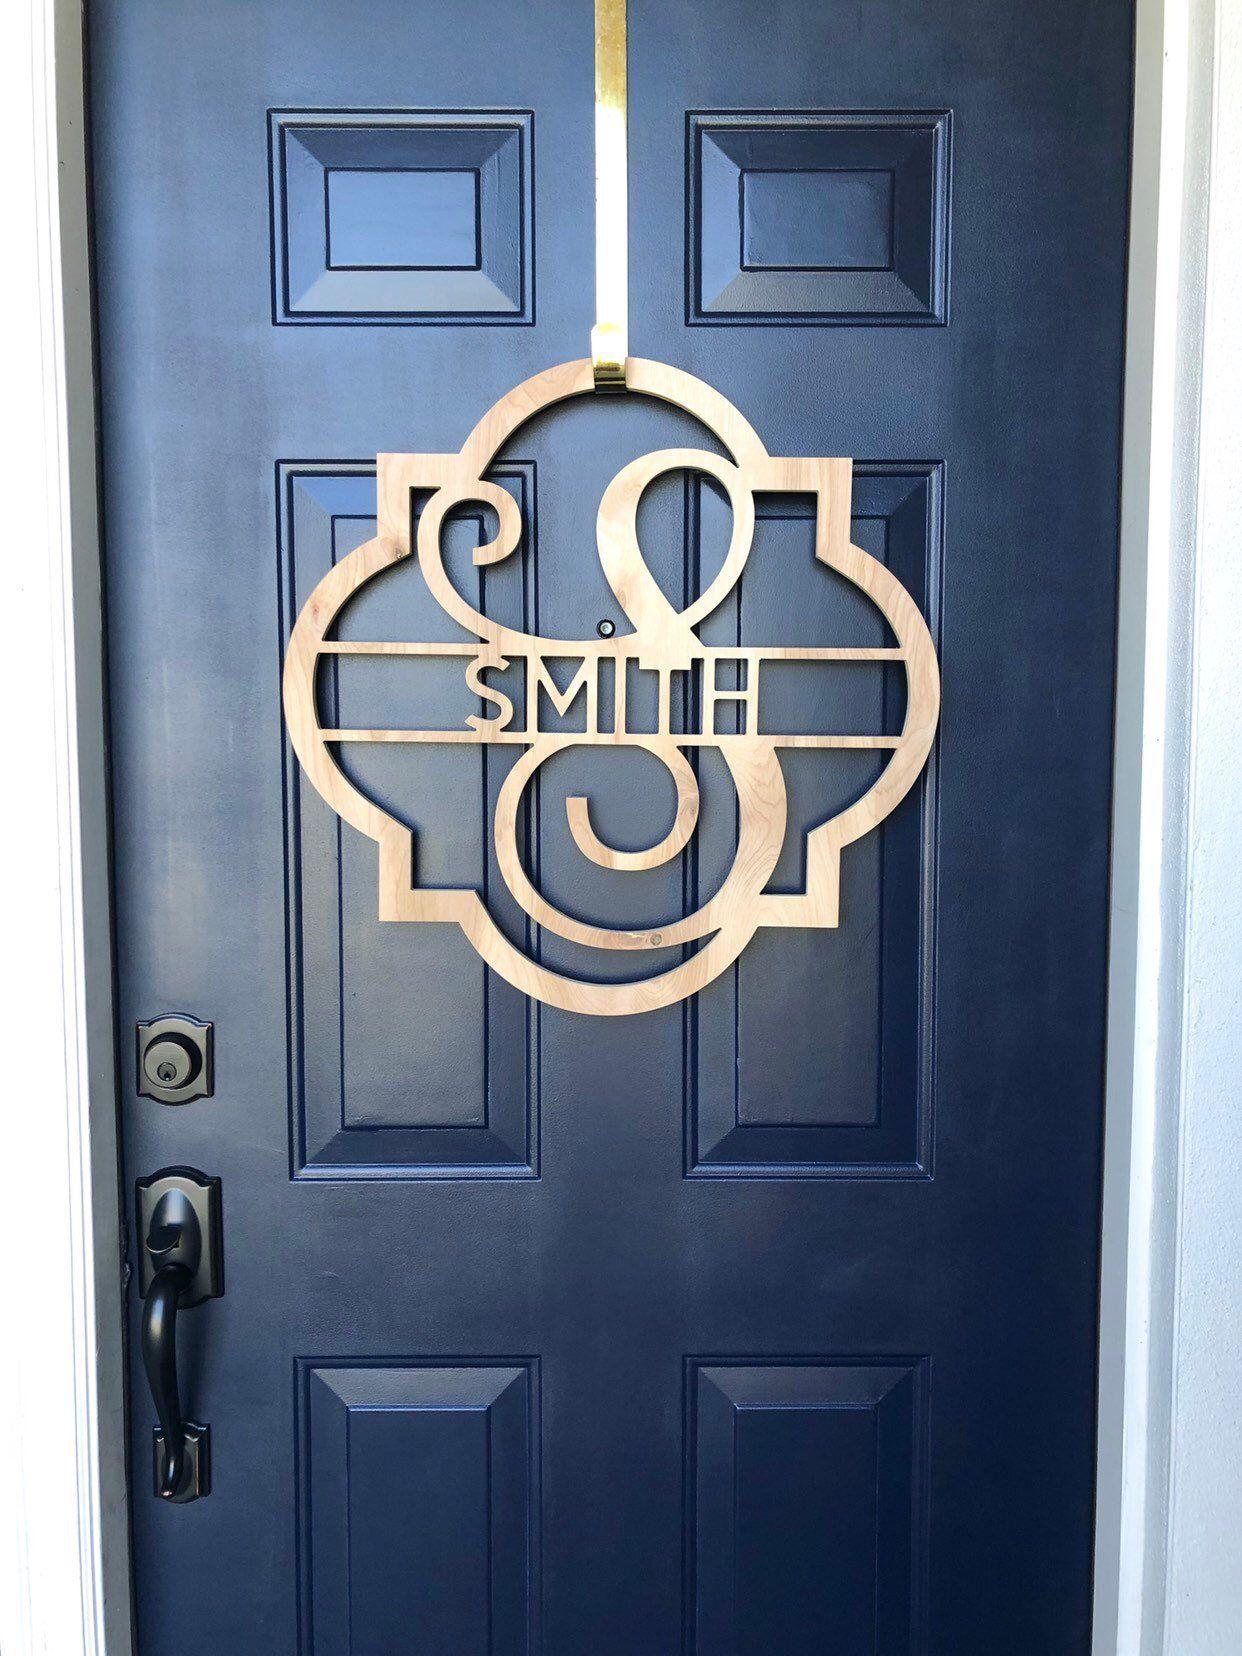 Last Name Wooden Monogram Wreath Sign For Front Door Personalized Door Hanger Wedding Gift For Couple Engagement Gift Monogram Wall Hangings Wooden Monogram Monogram Wall